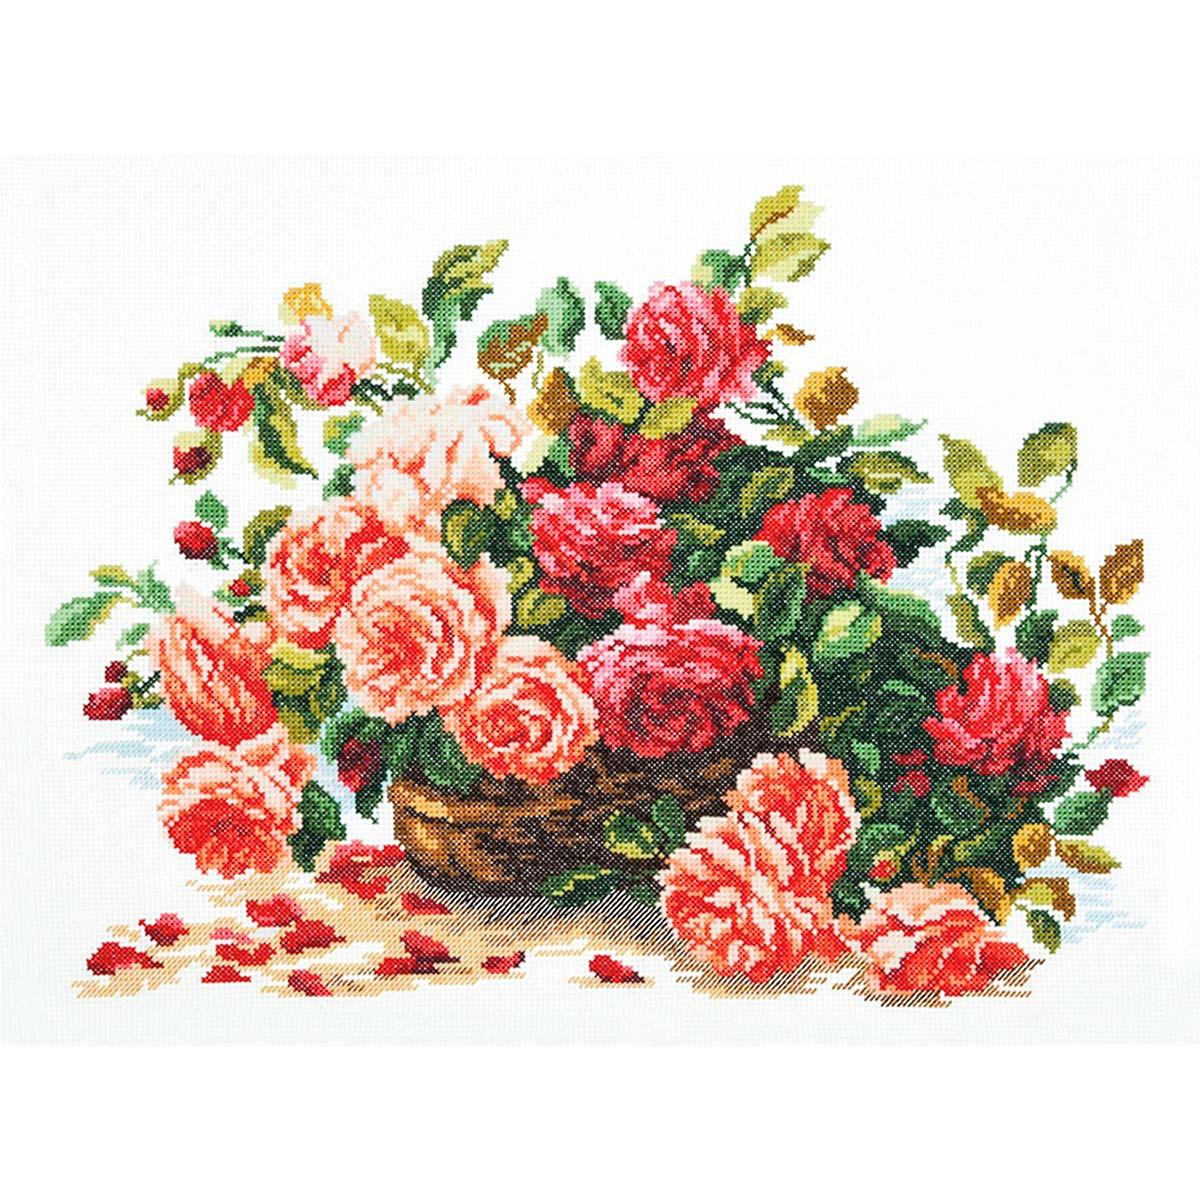 40-38 Набор для вышивания 'Чудесная игла' 'Королевские розы', 38*28 см